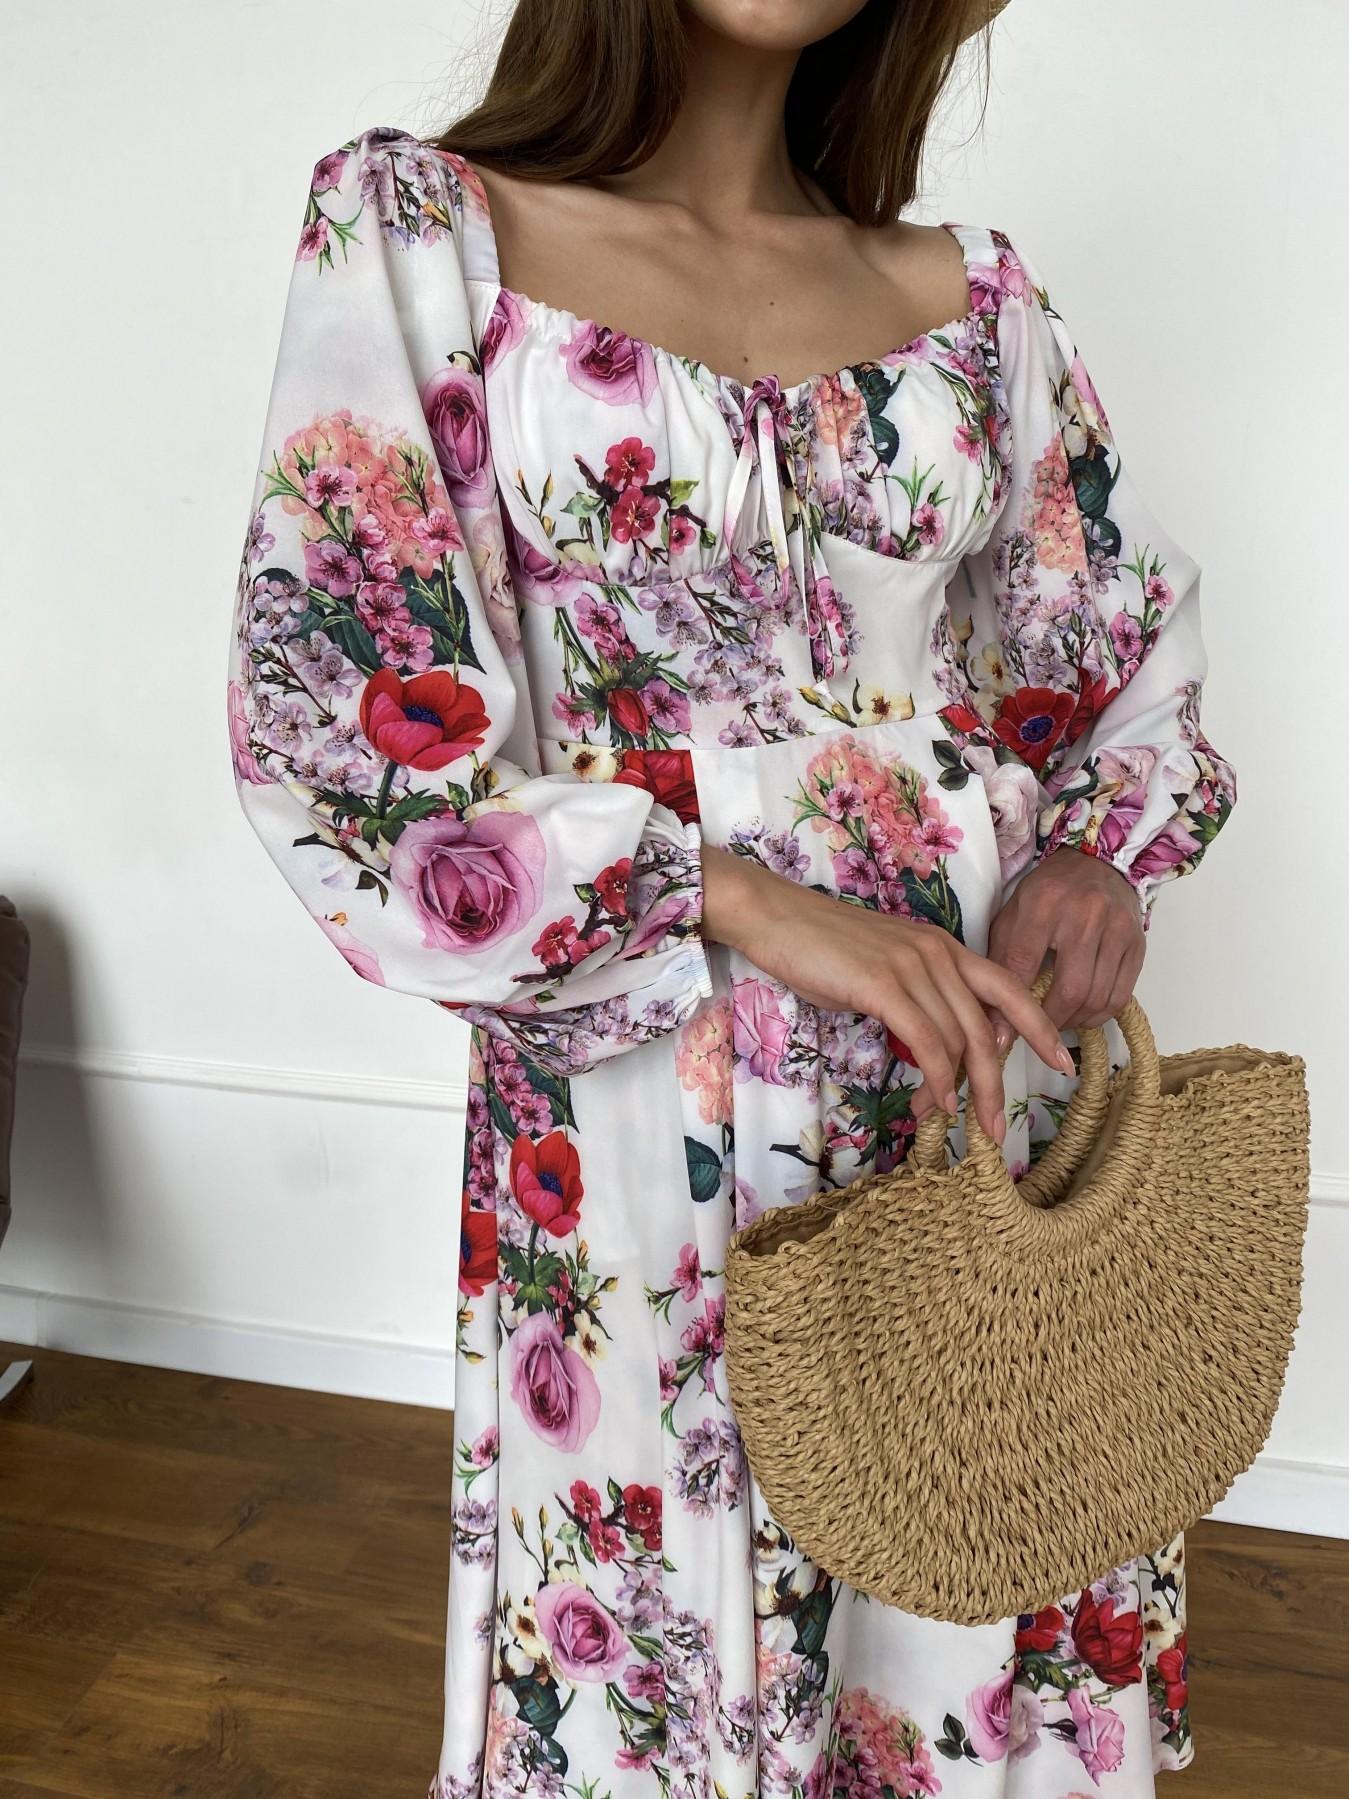 Натали платье софт принт бистрейч 11196 АРТ. 47830 Цвет: ВесенБукетМол/Роз/Крас - фото 7, интернет магазин tm-modus.ru